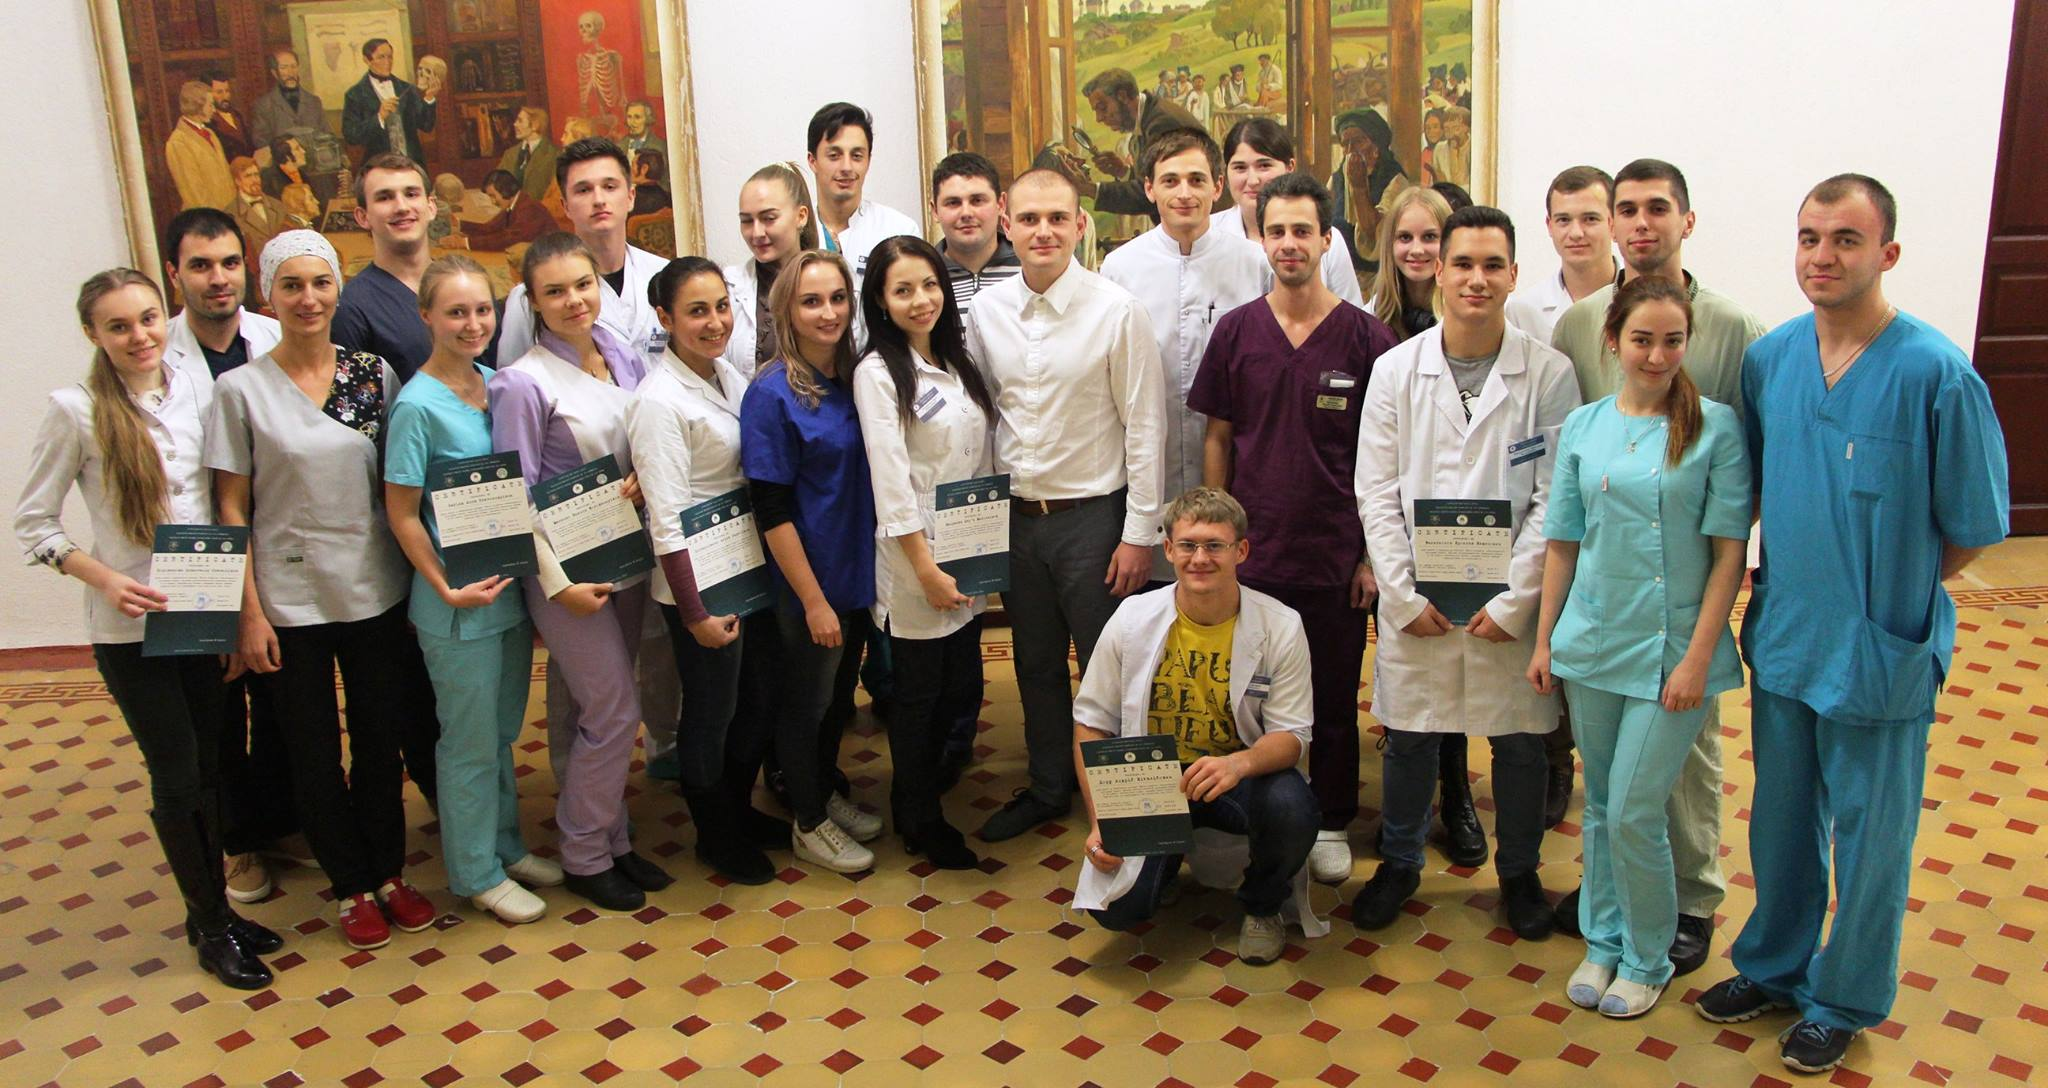 Armata Manus Basic Surgical School